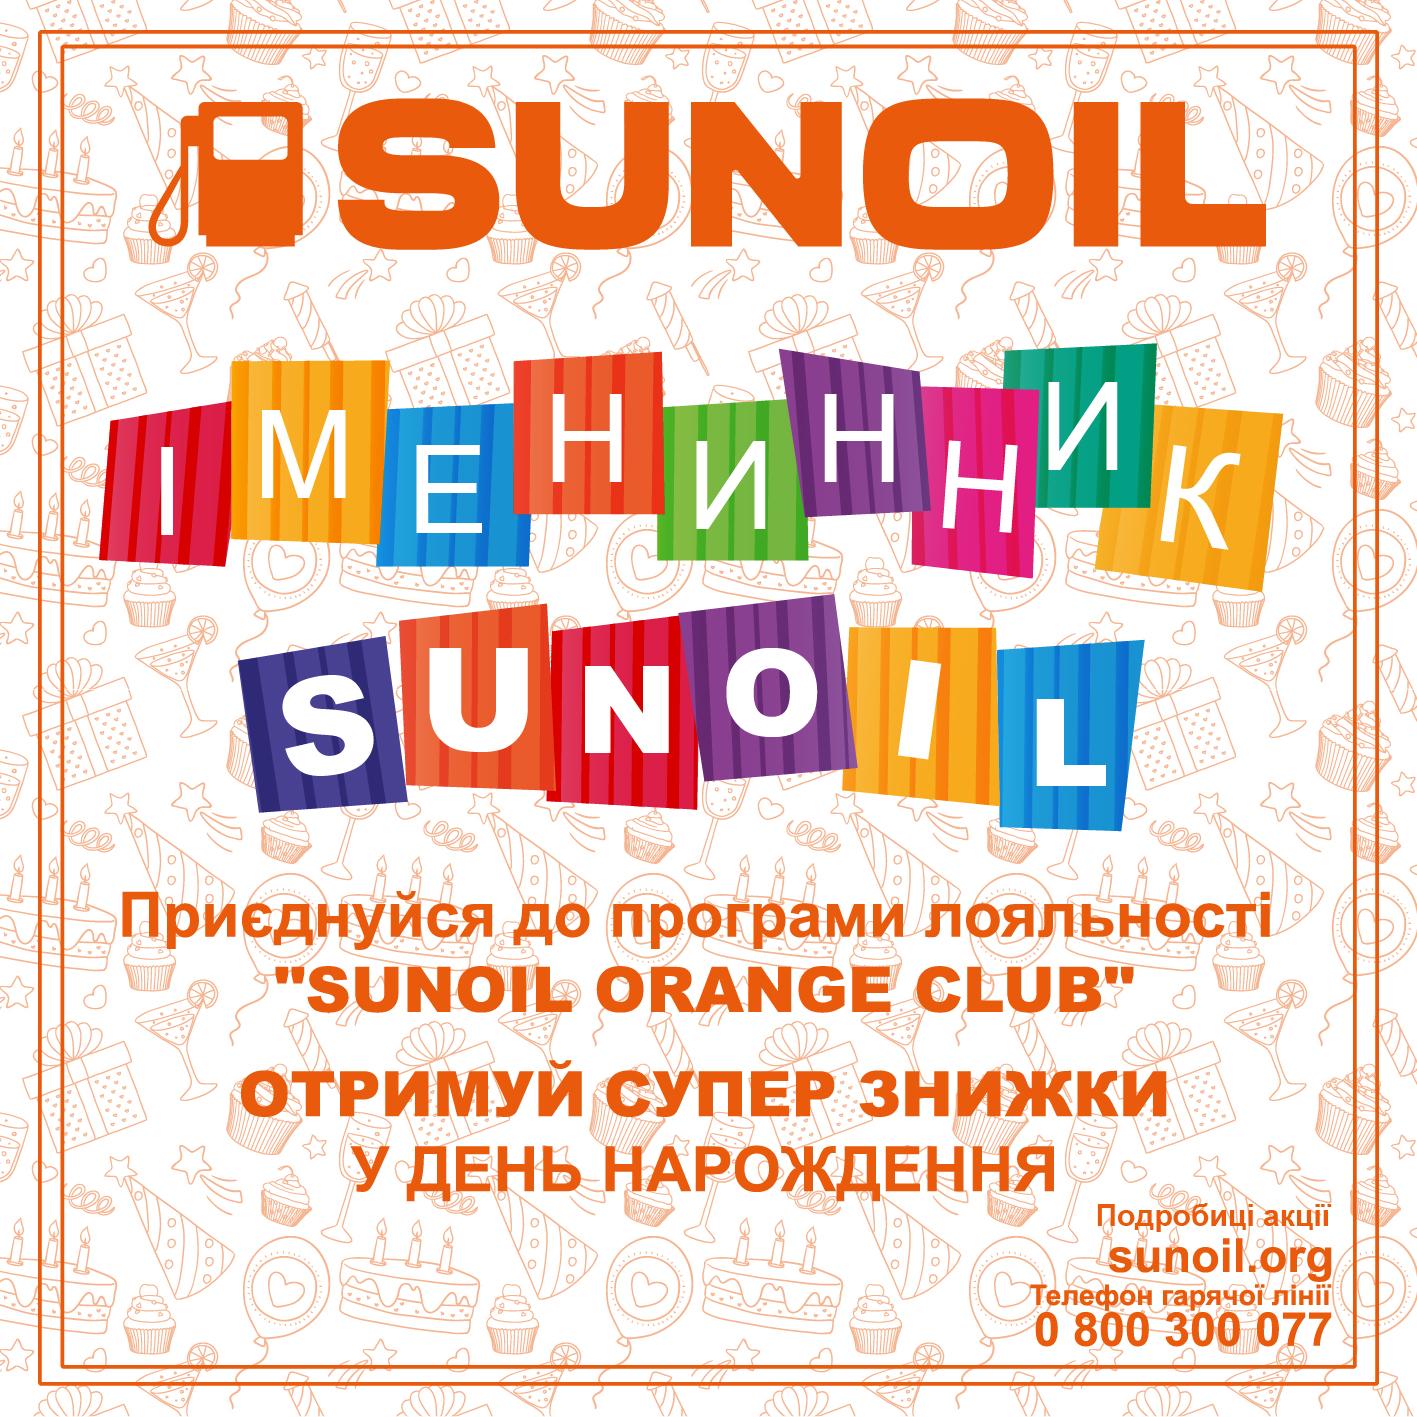 """""""OilNews"""": Маркетинг: SUN OIL дарит скидки в дни рождения"""